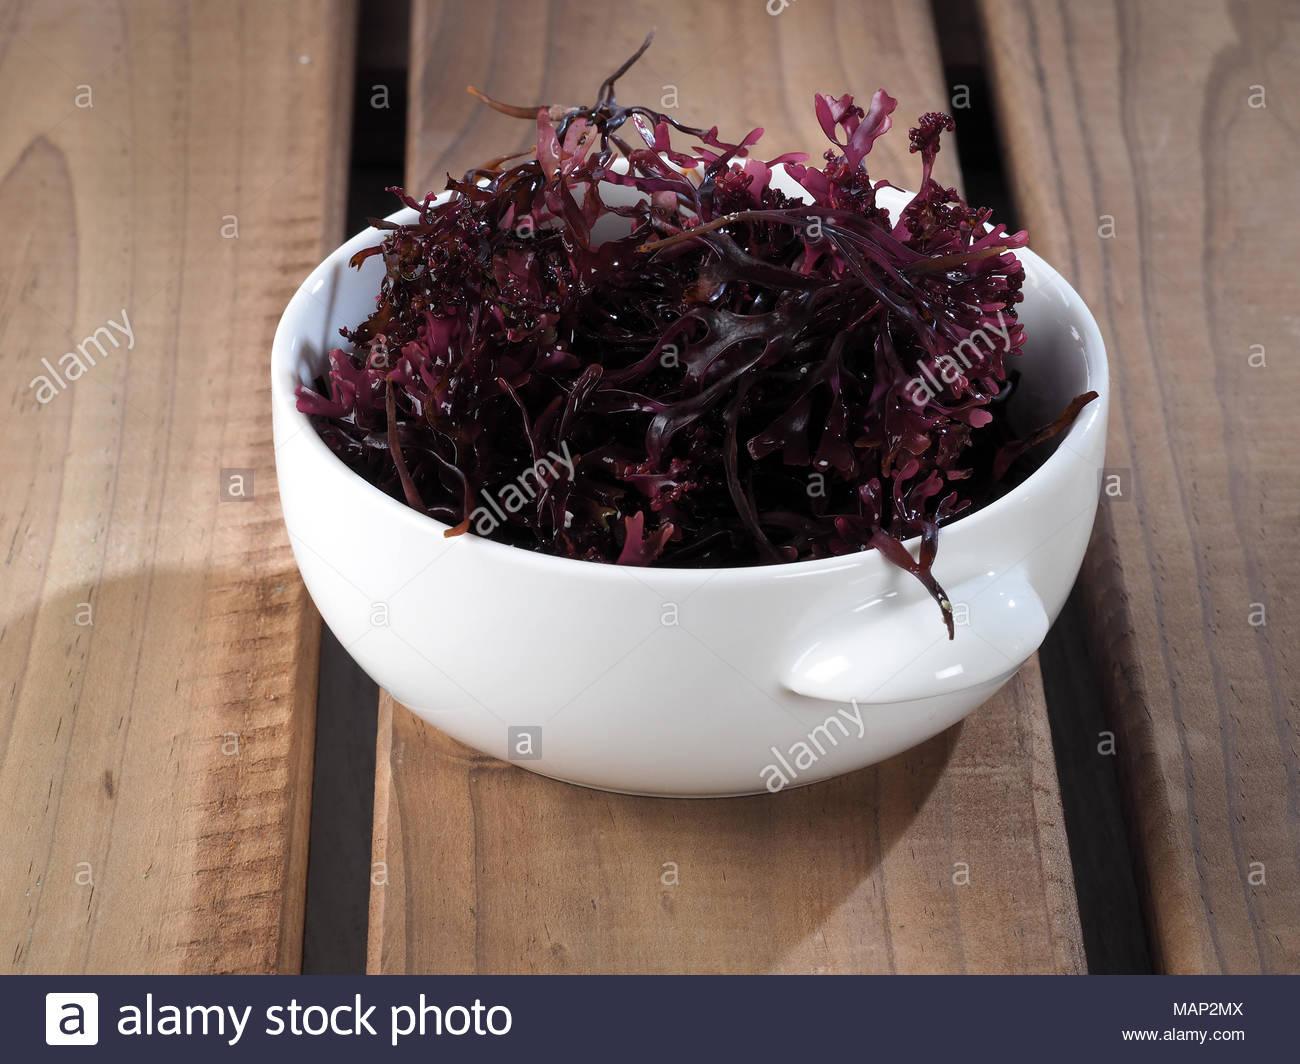 Musgo Estrellado - Faux Mousse - Carrageen Moss Nom Binomial pour Nom Legume